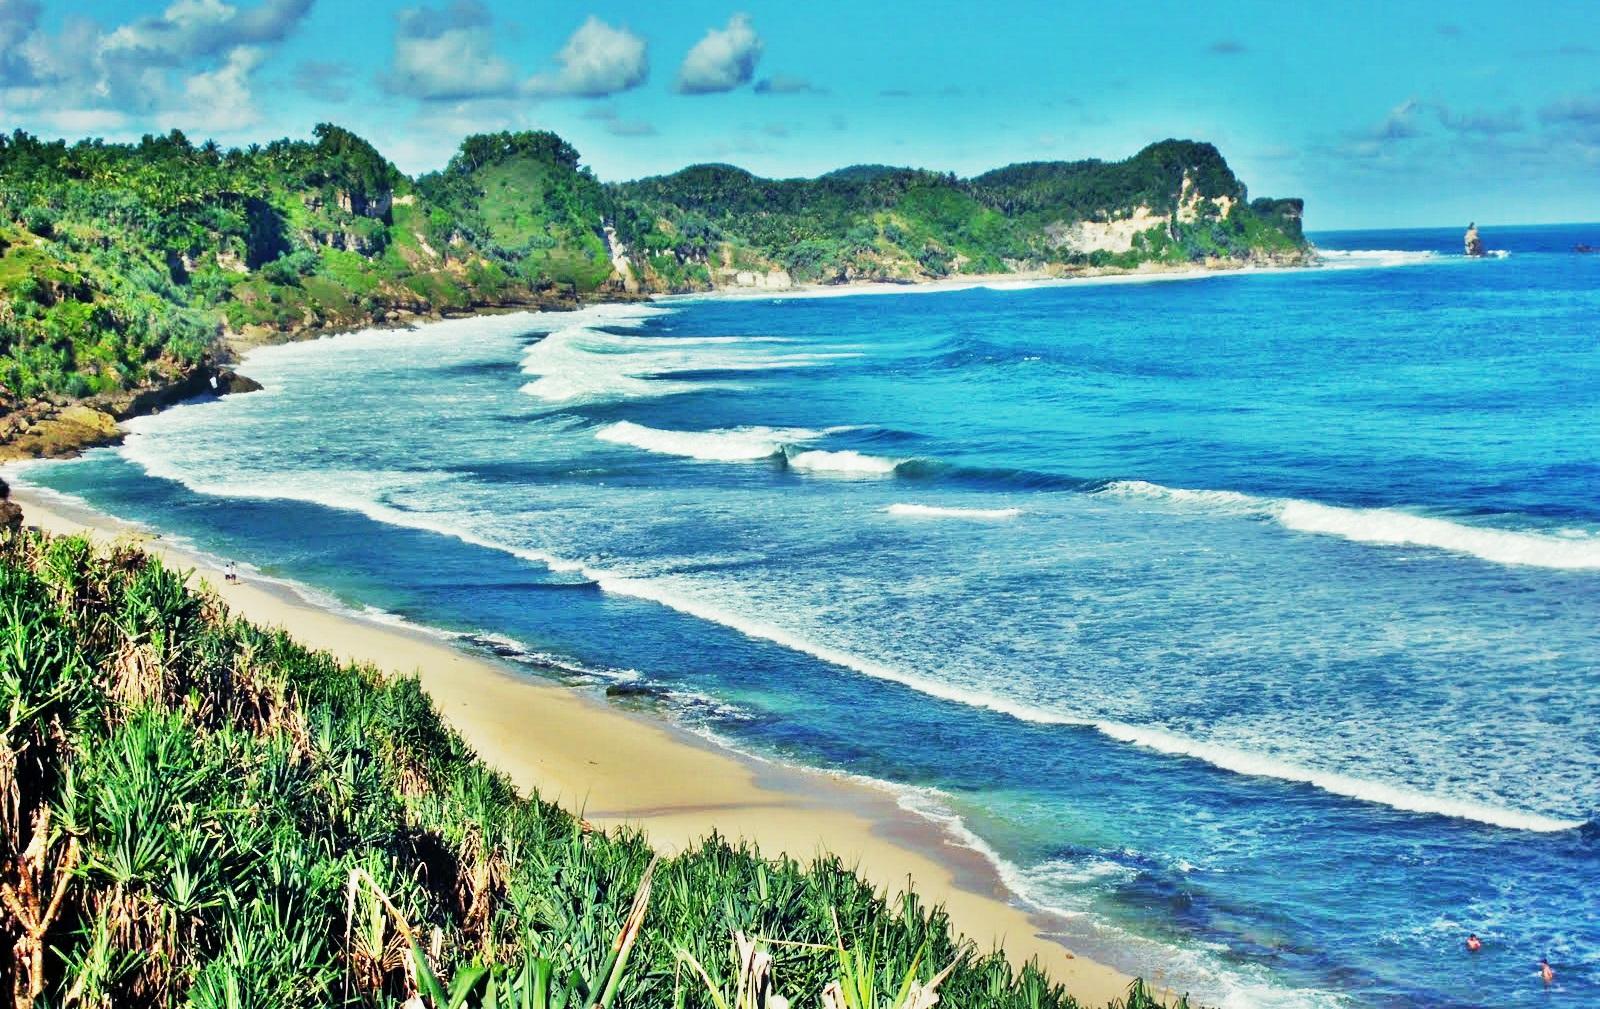 Keindahan Obyek Wisata Pantai Nampu Wonogiri - Jawa Tengah ...